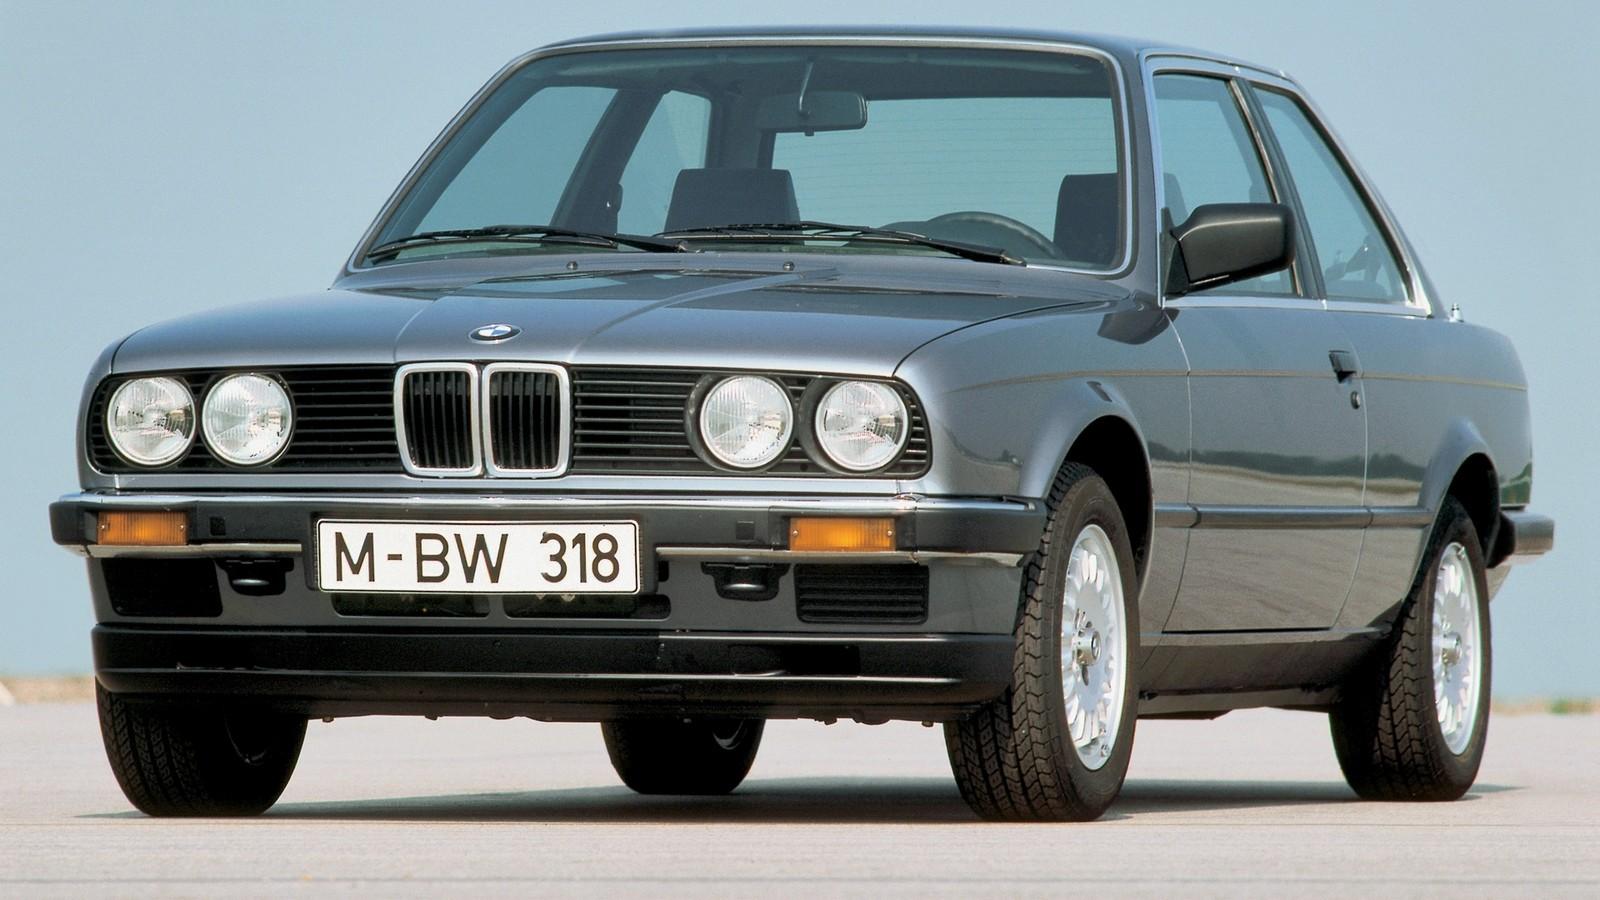 Тест-драйв BMW 318i E30 - Колеса.ру: http://www.kolesa.ru/redkie-avtomobili/uvazhaj-starshih-opyt-vladeniya-bmw-318i-e30